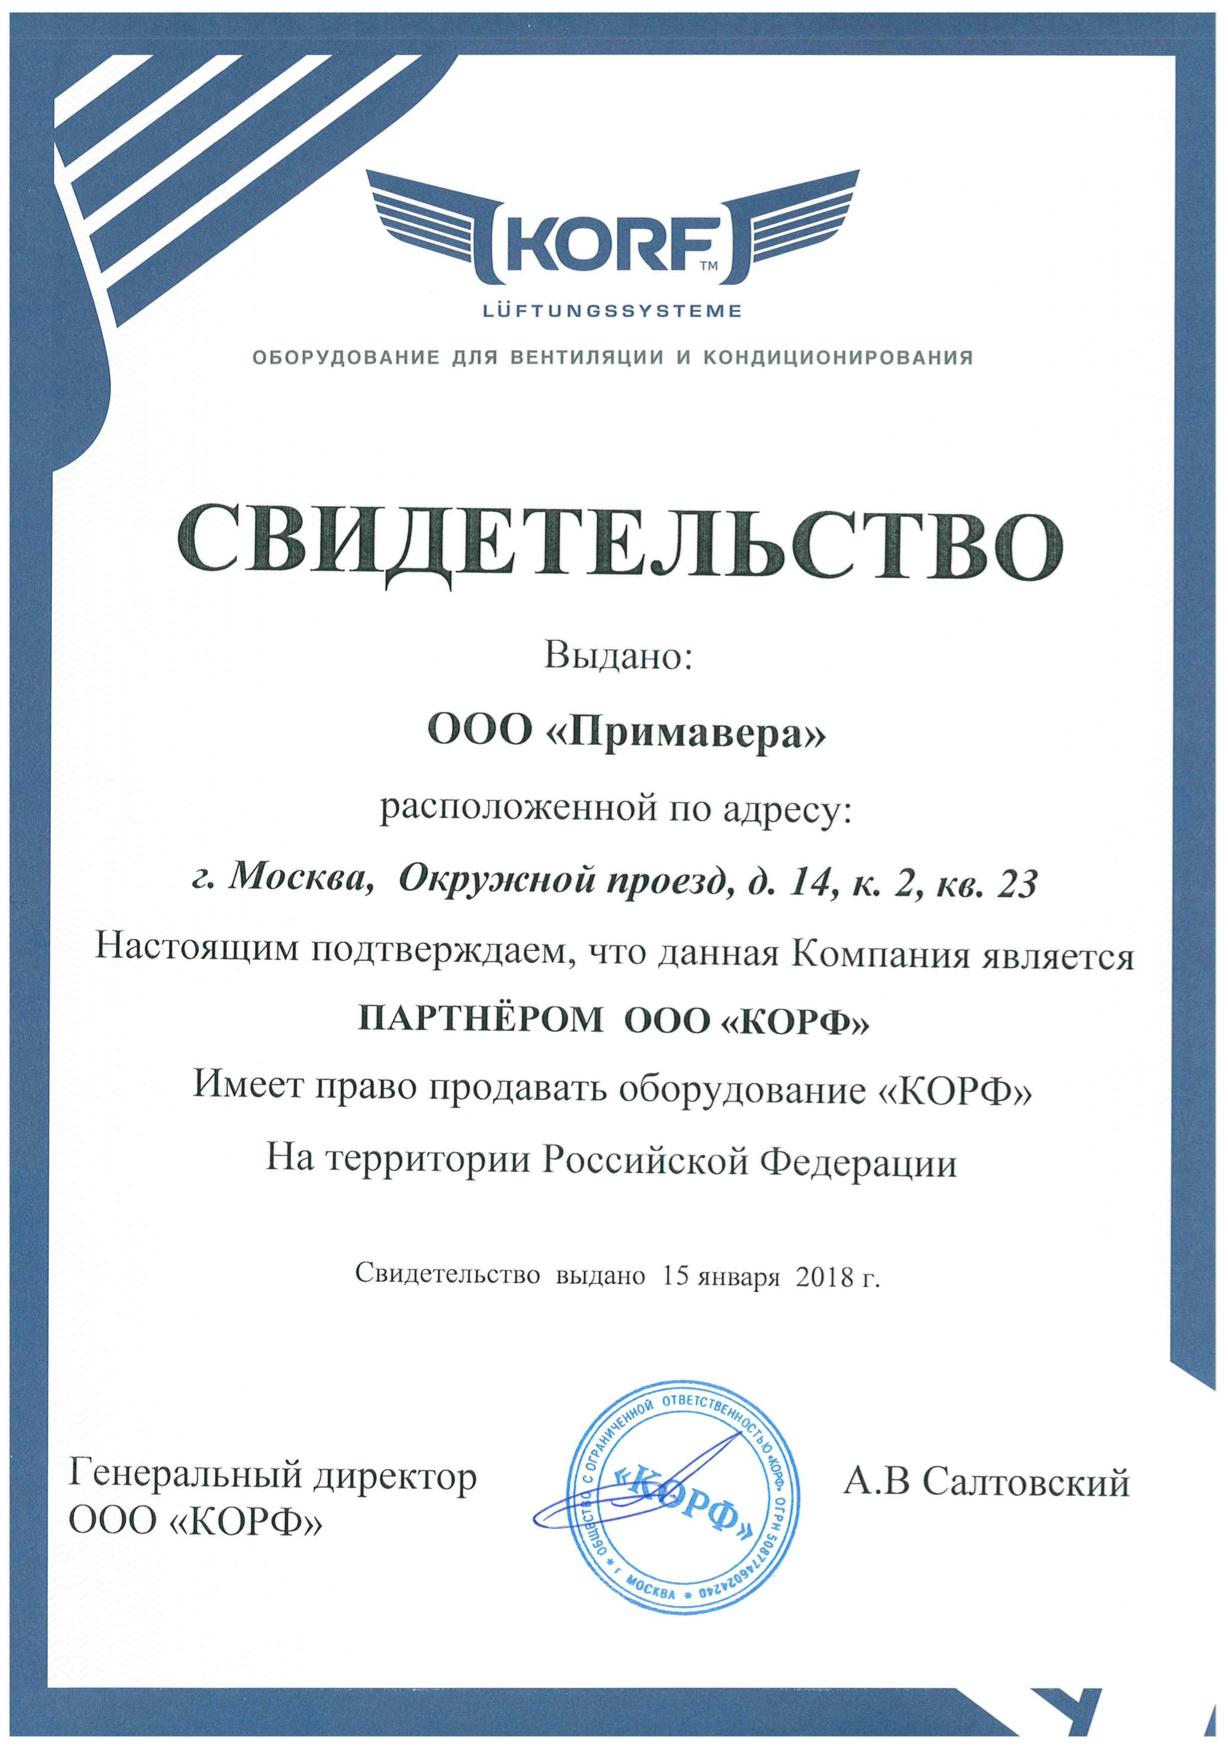 KORF_сертификат_PNG.png